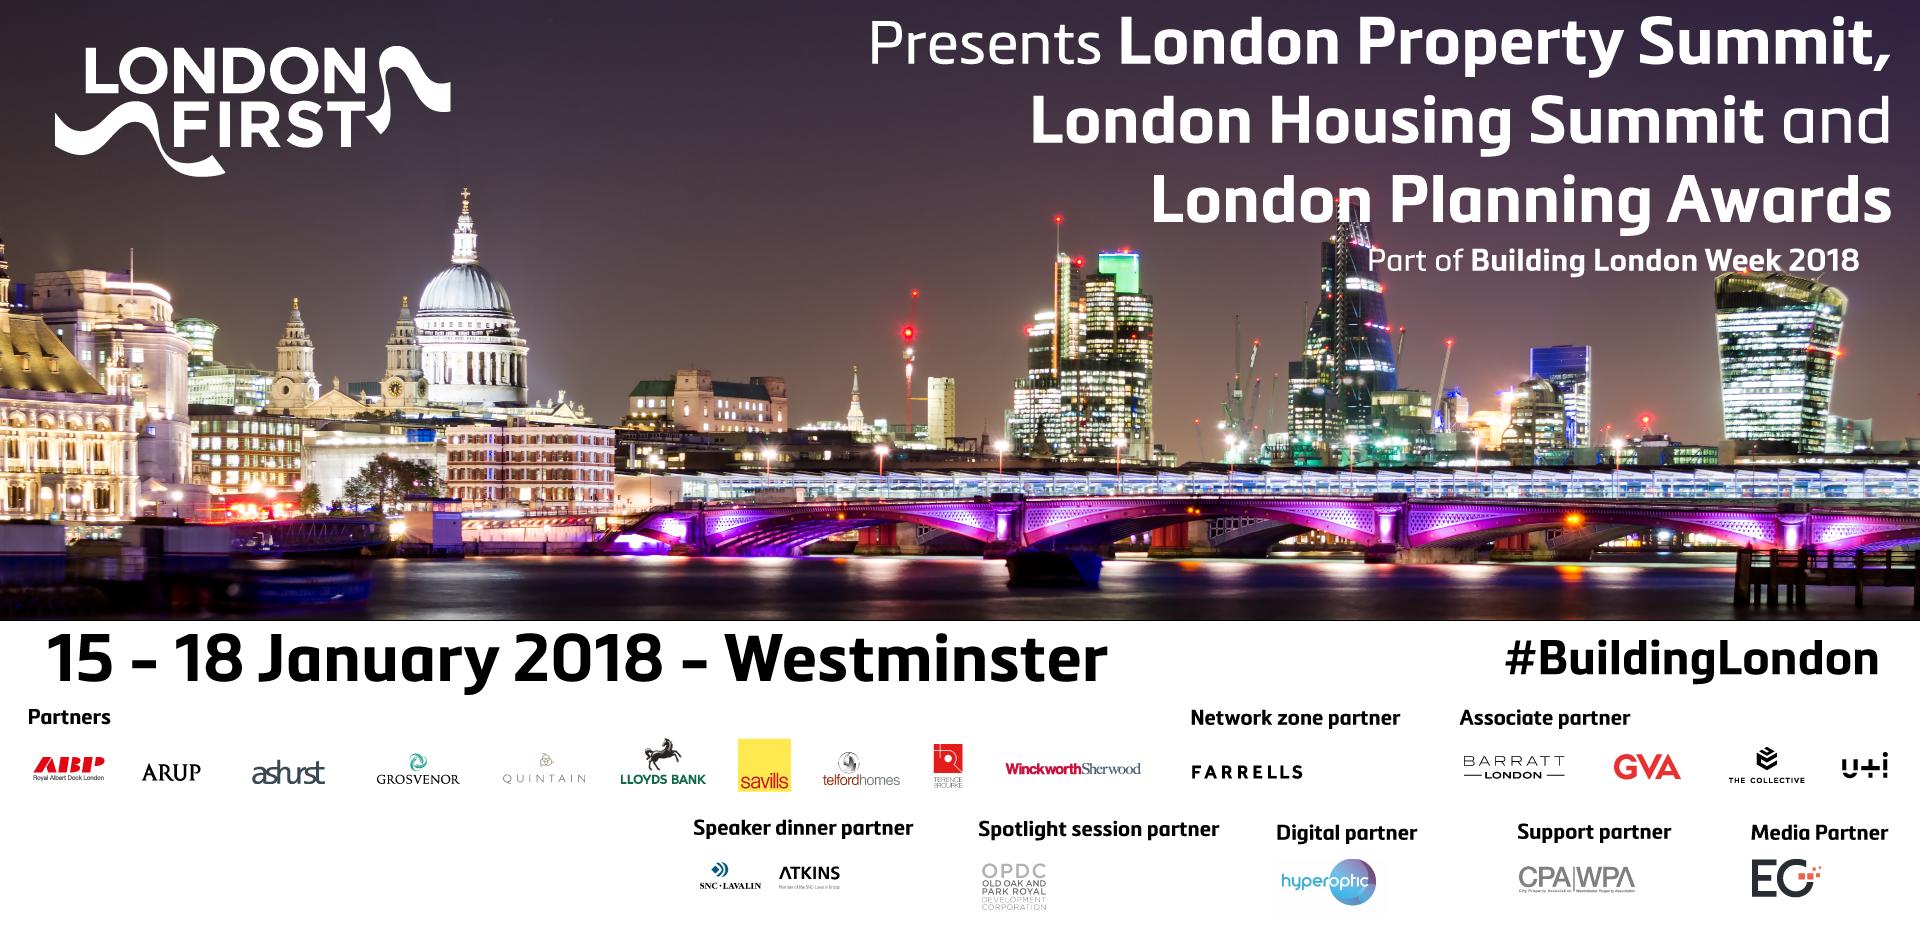 Building London Week 2018